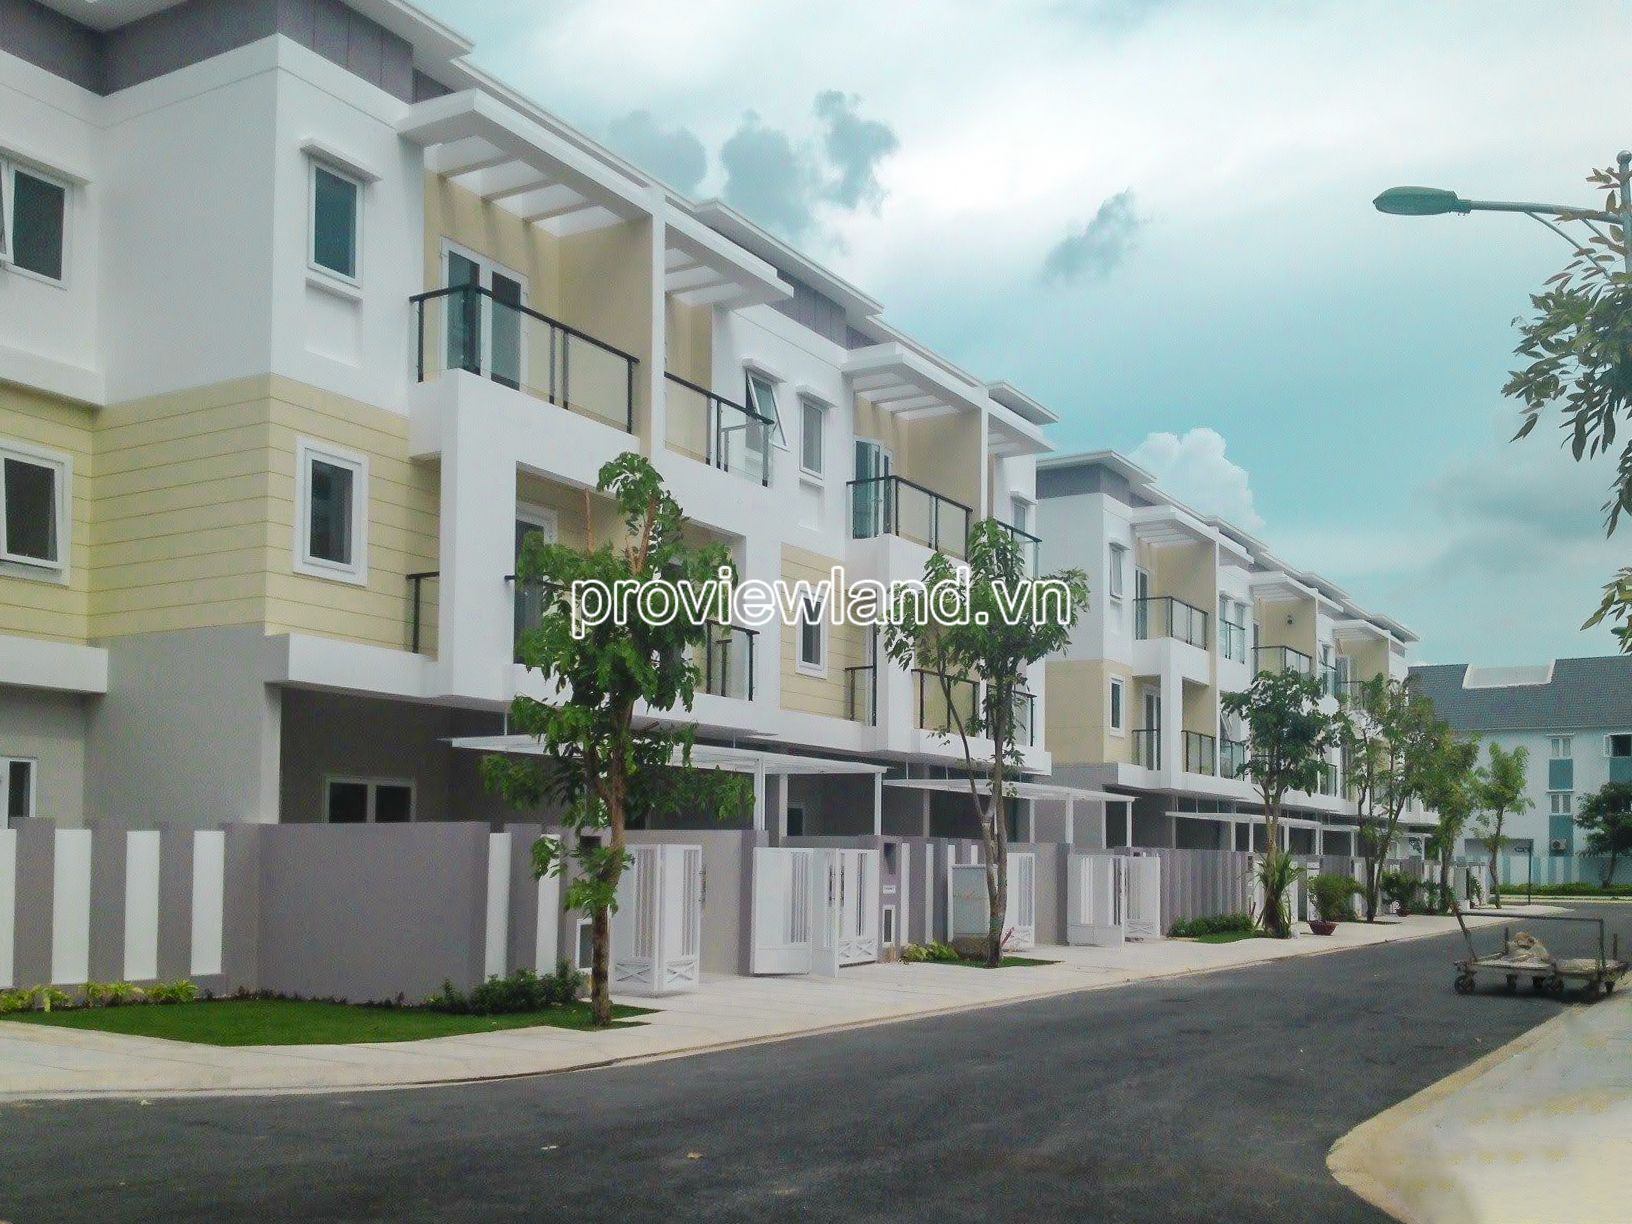 Mega-Villa-Khang-Dien-Quan-9-ban-nha-pho-1tret-2lau-DT-9x14m-proviewland-221220-02